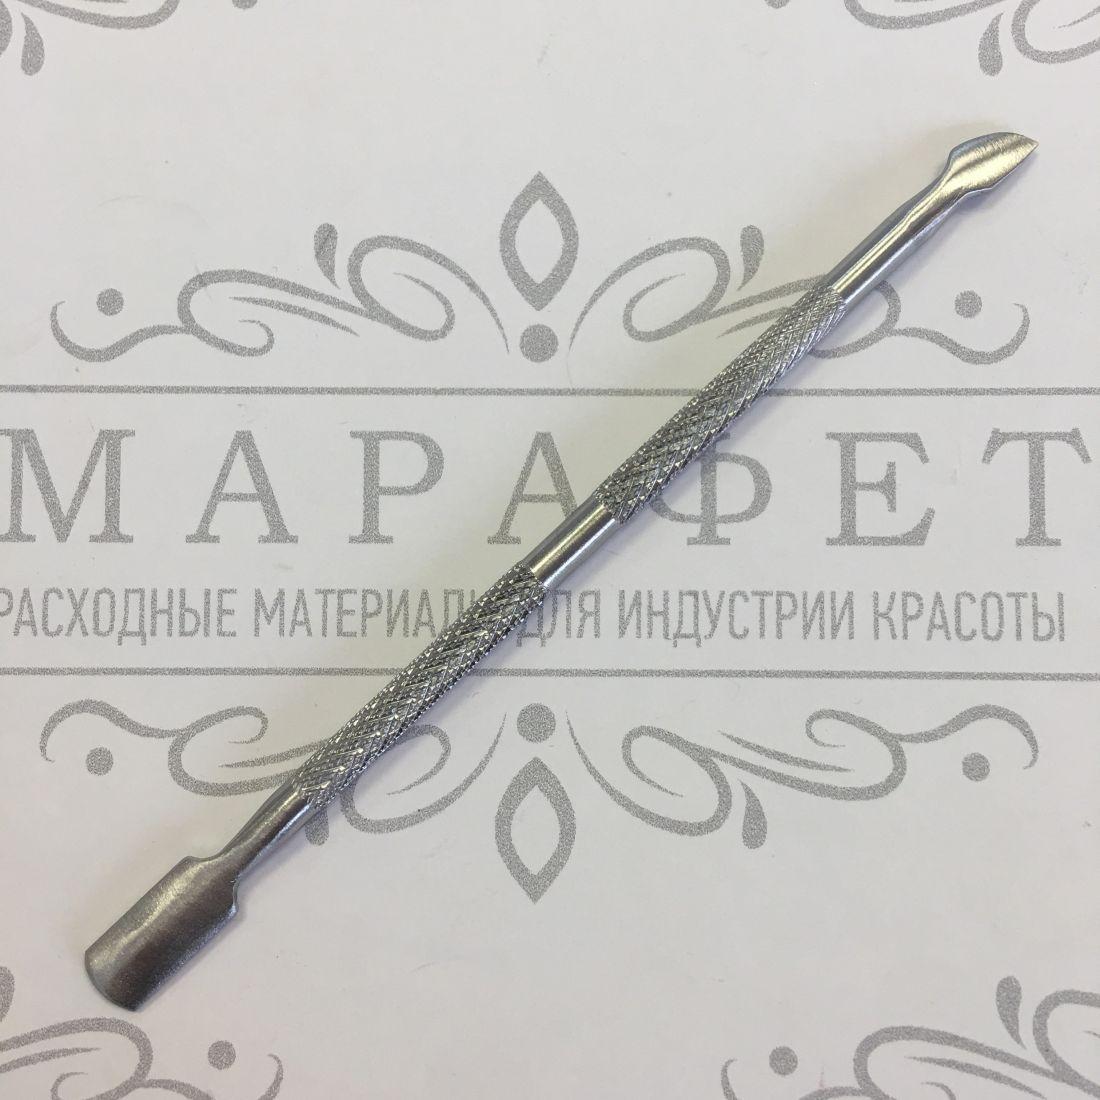 Пушер двухсторонний для маникюра и педикюра 12 см (узкая лопатка)